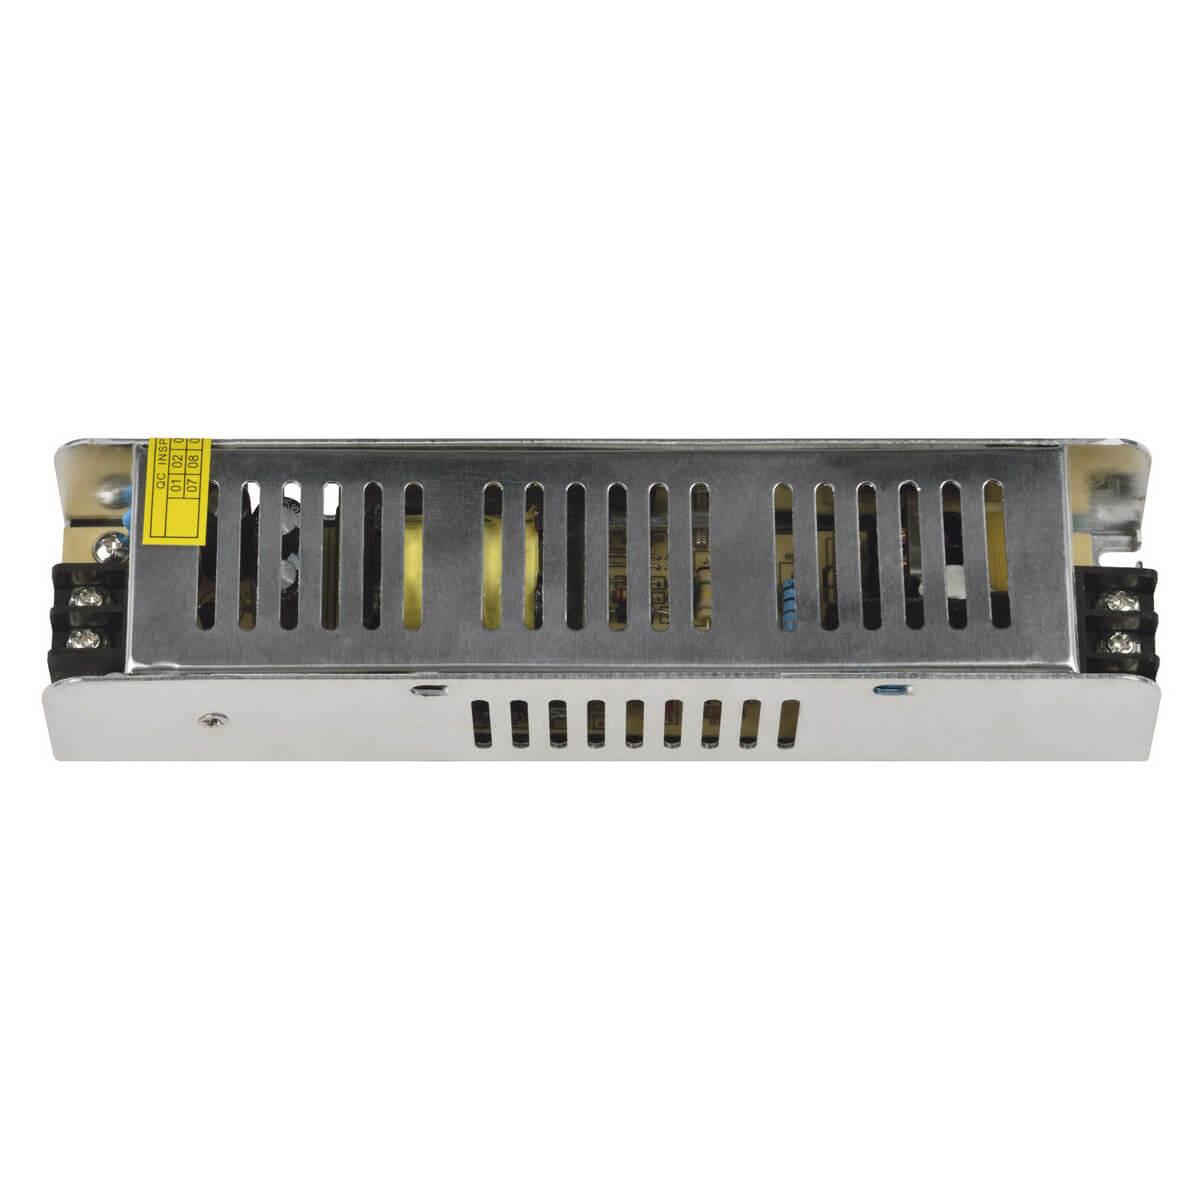 Блок питания (UL-00004329) Uniel UET-VAS-100A20 12V IP20 блок питания ul 00002429 uniel uet vas 060b20 24v ip20